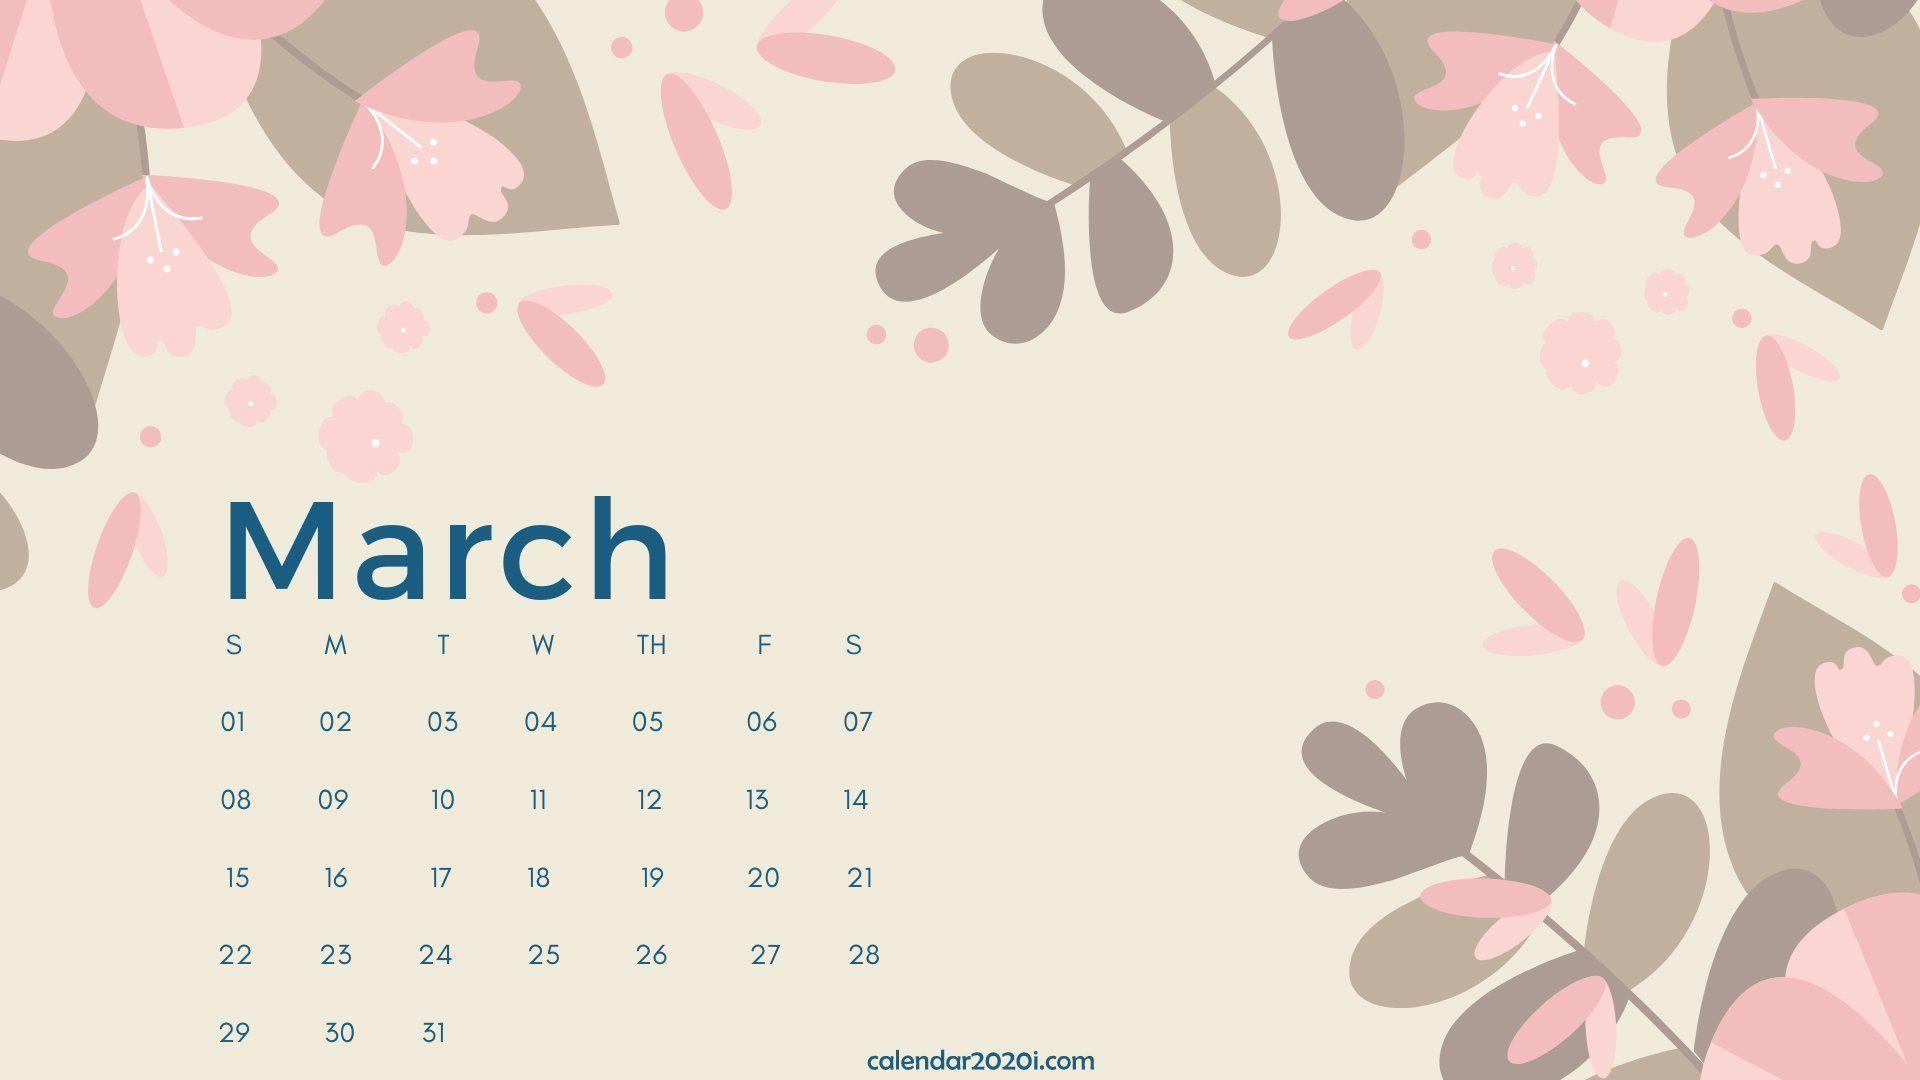 March 2020 Calendar Wallpapers   Top March 2020 Calendar 1920x1080